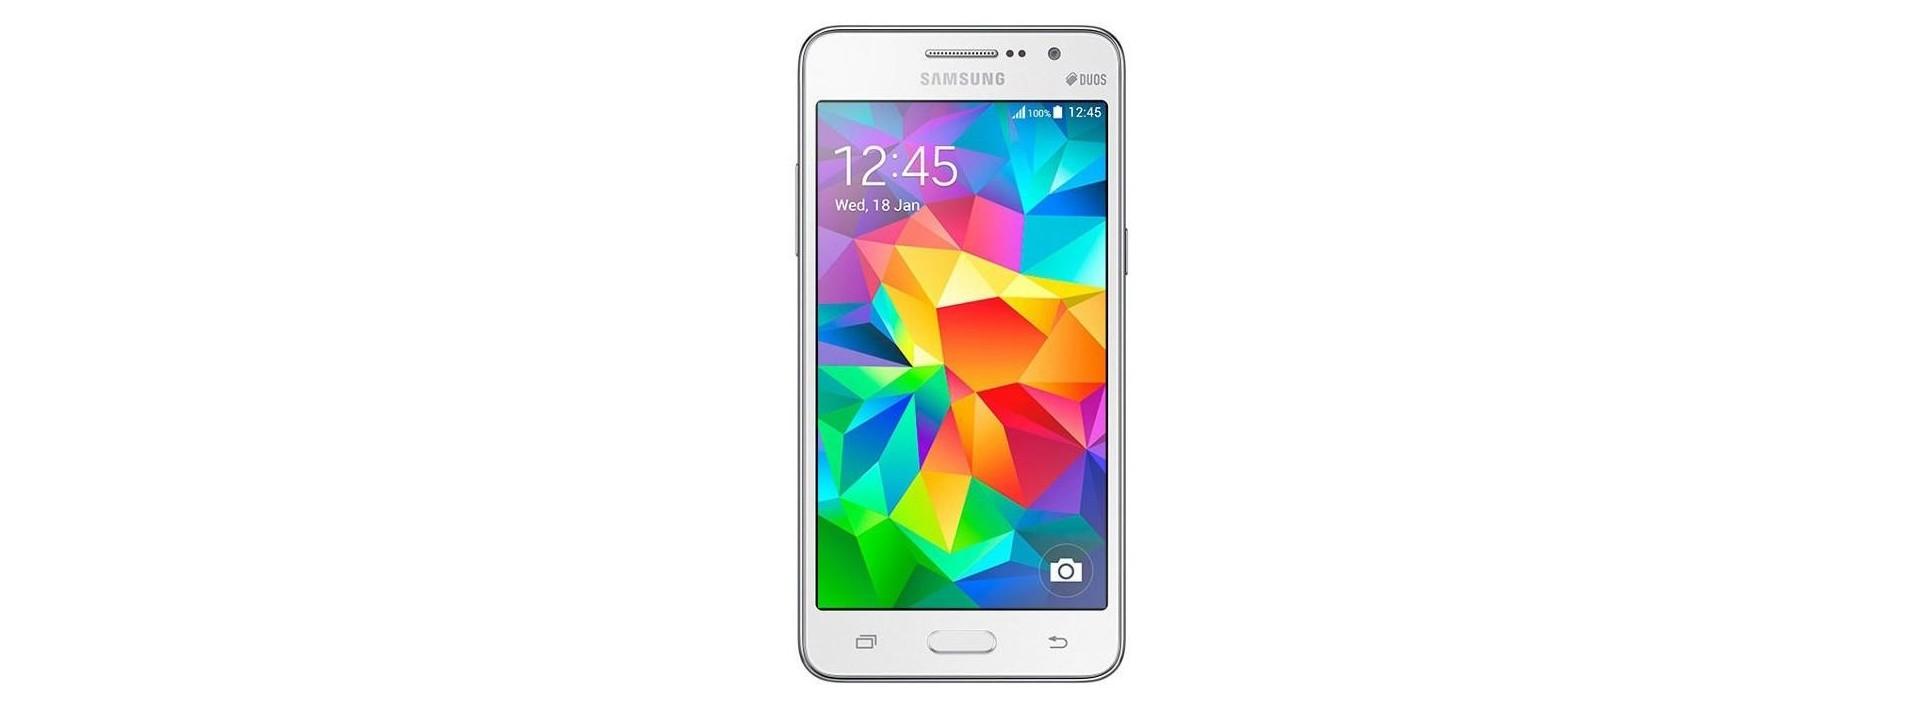 Fundas PERSONALIZADAS Samsung Galaxy Grand Prime, Envío Gratis en TMS